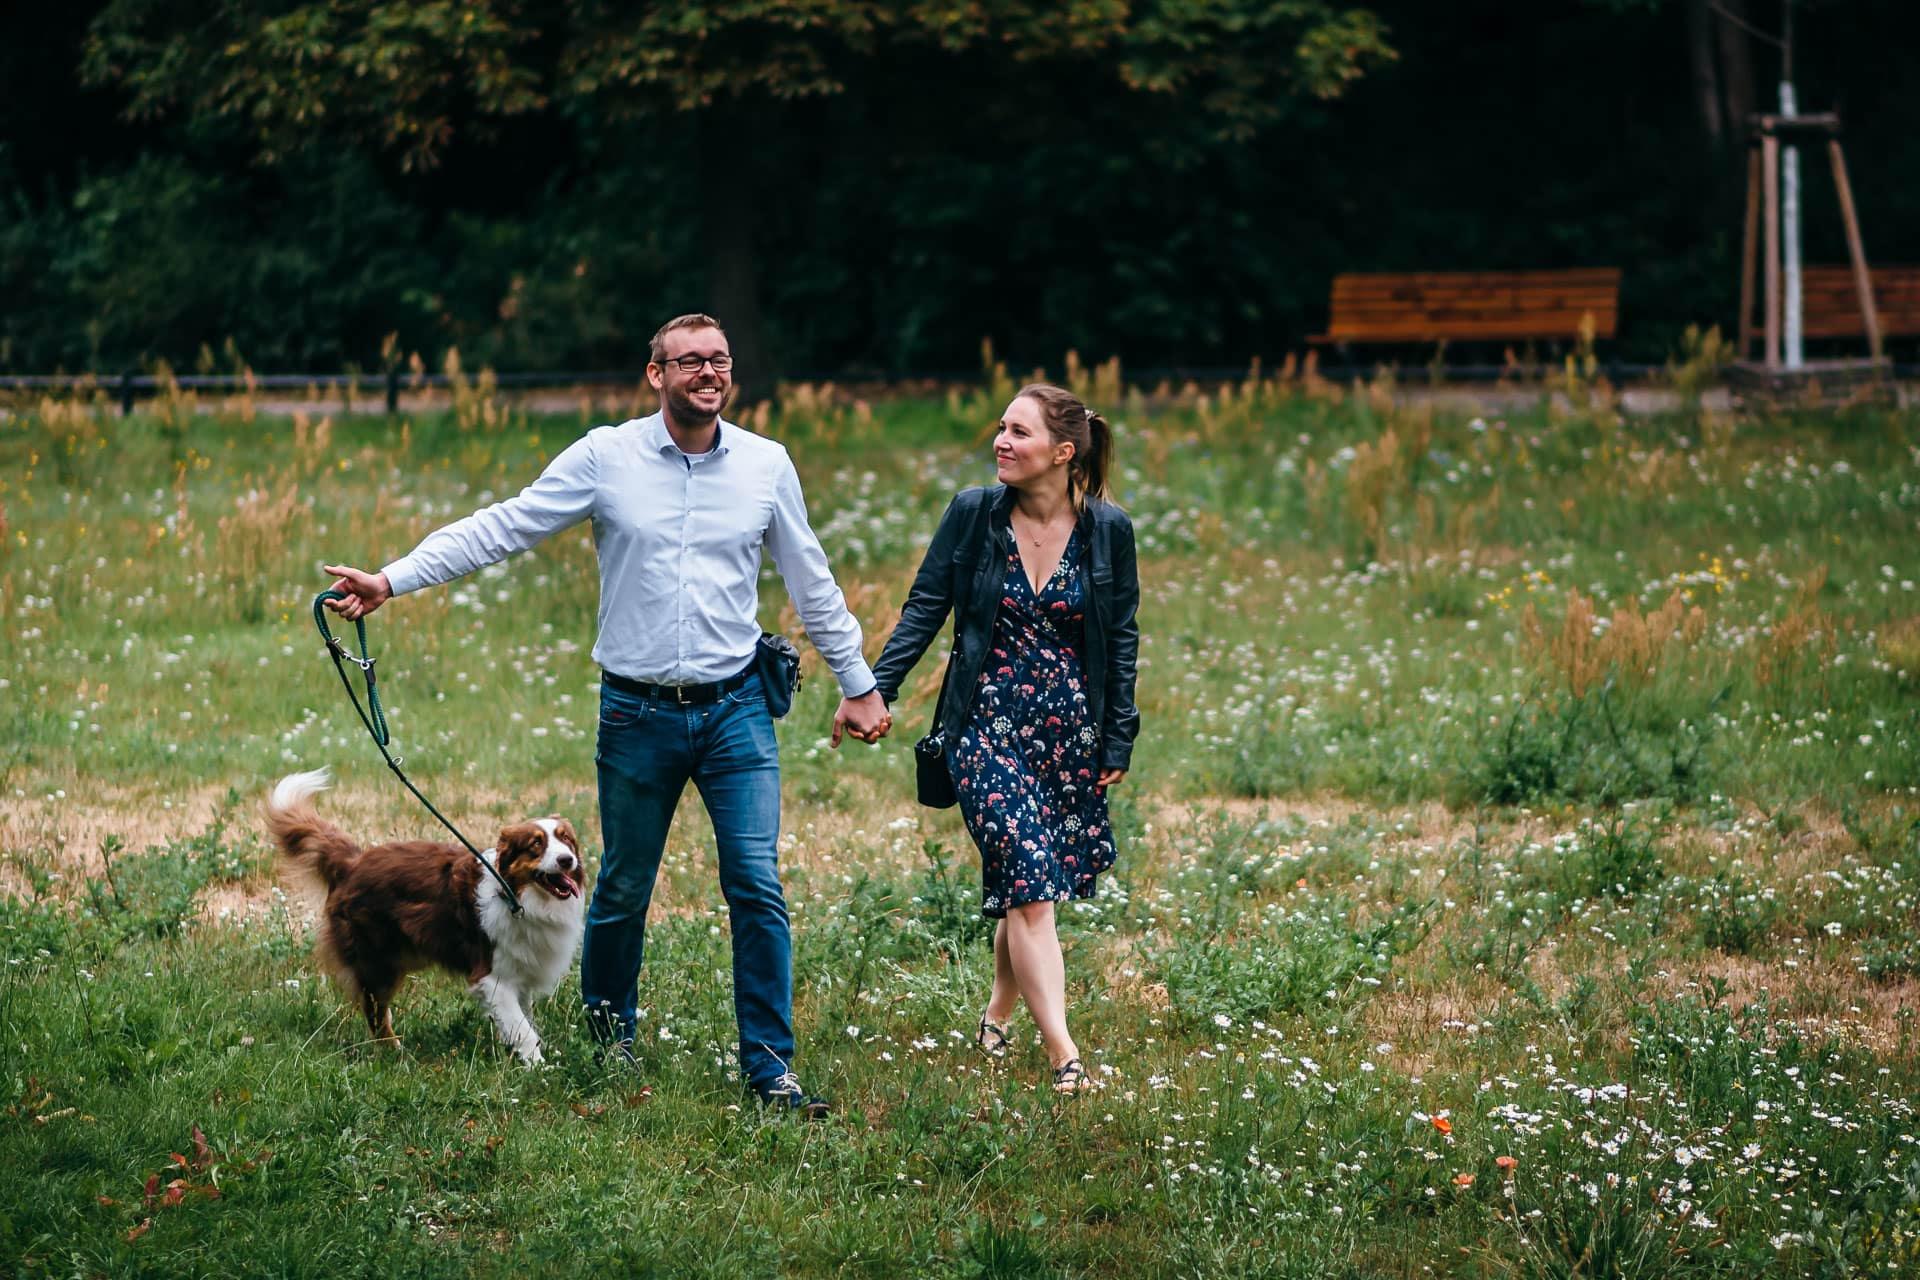 Paar mit seinem Hund auf einer Wiese im Schlosspark Buch